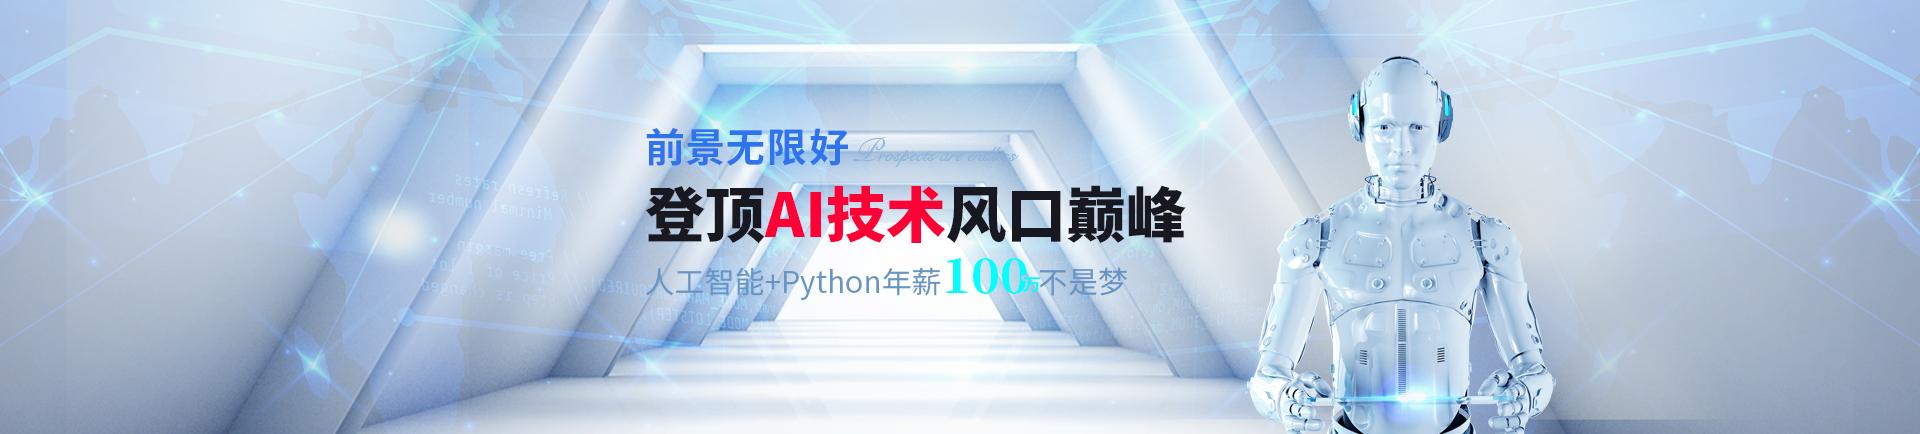 登顶AI技术风�巅峰 人工智能+Python年薪100万�是梦-chq